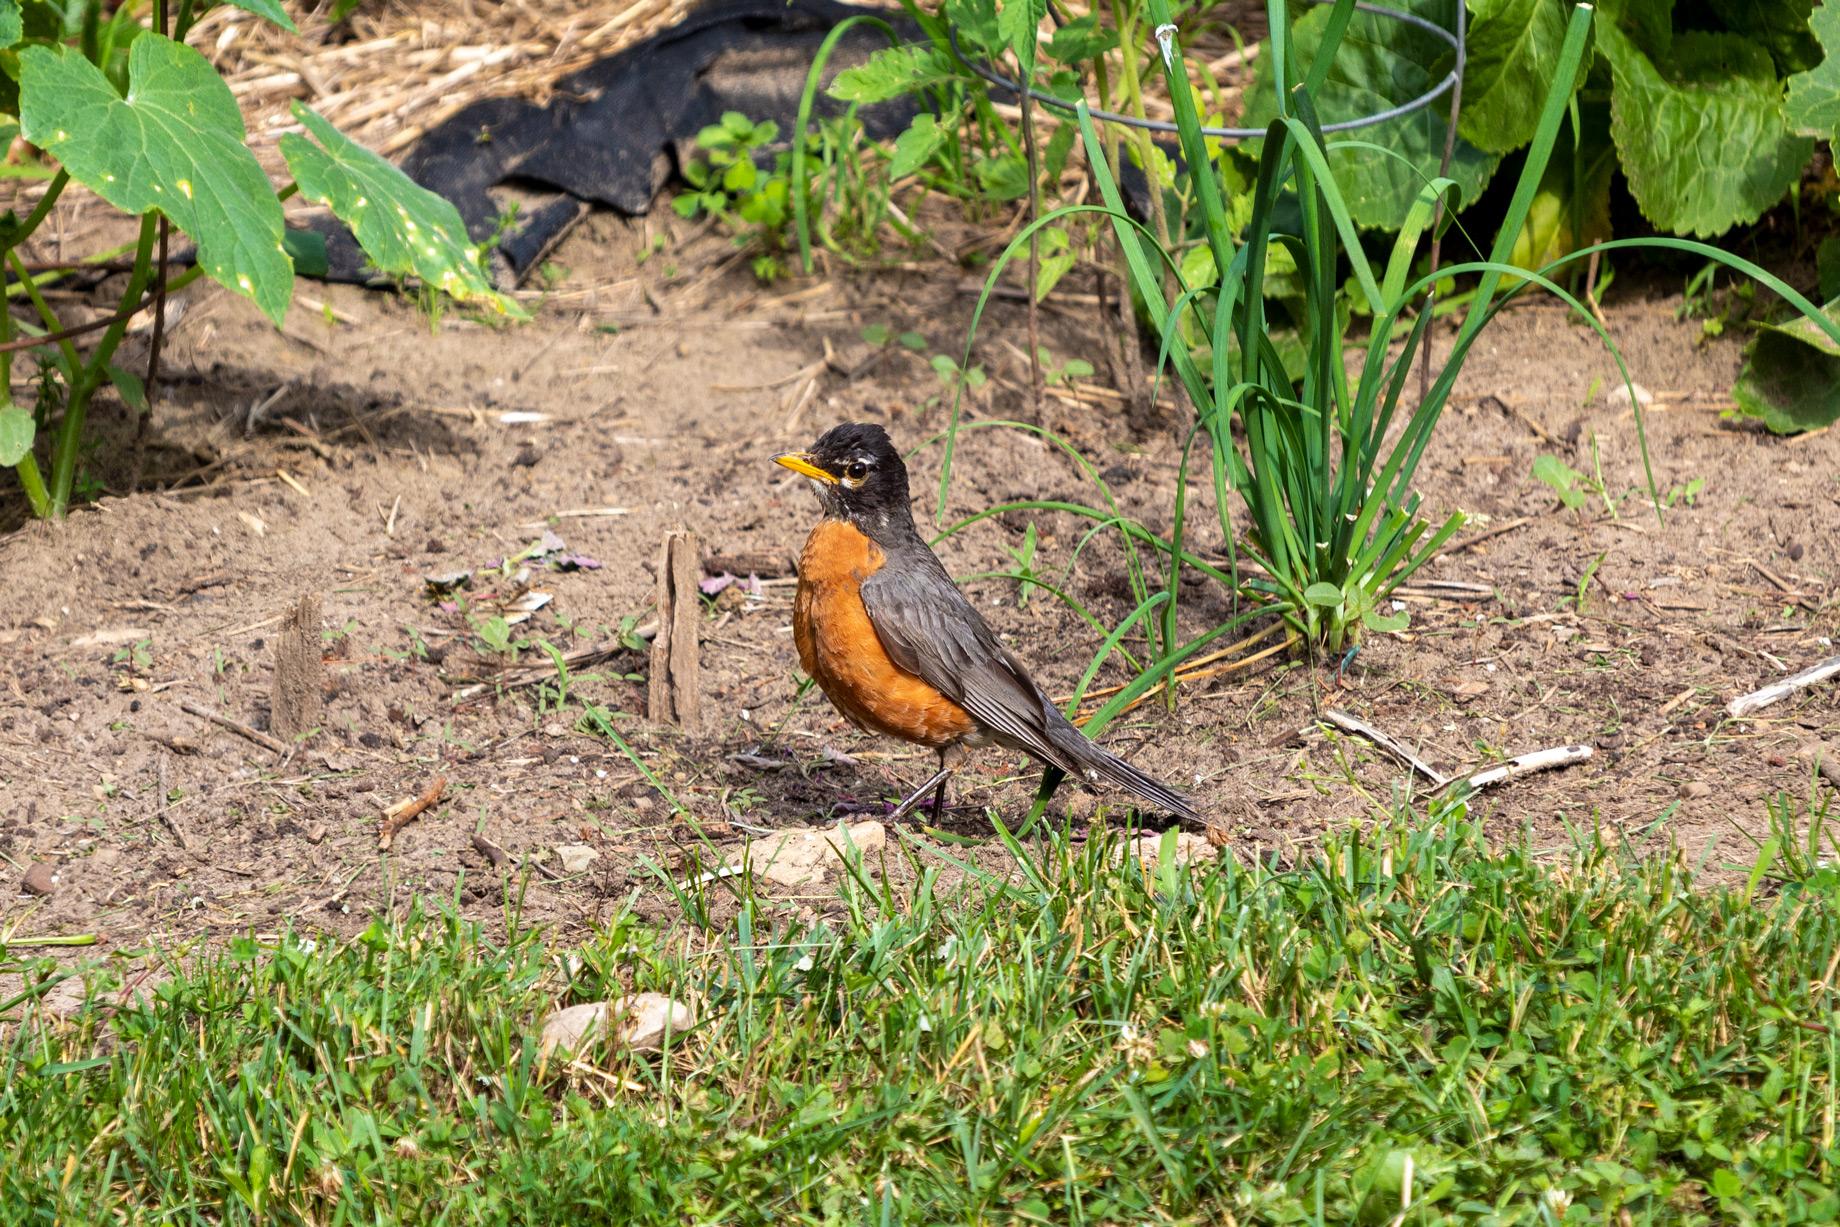 Gray and orange bird walking through a garden